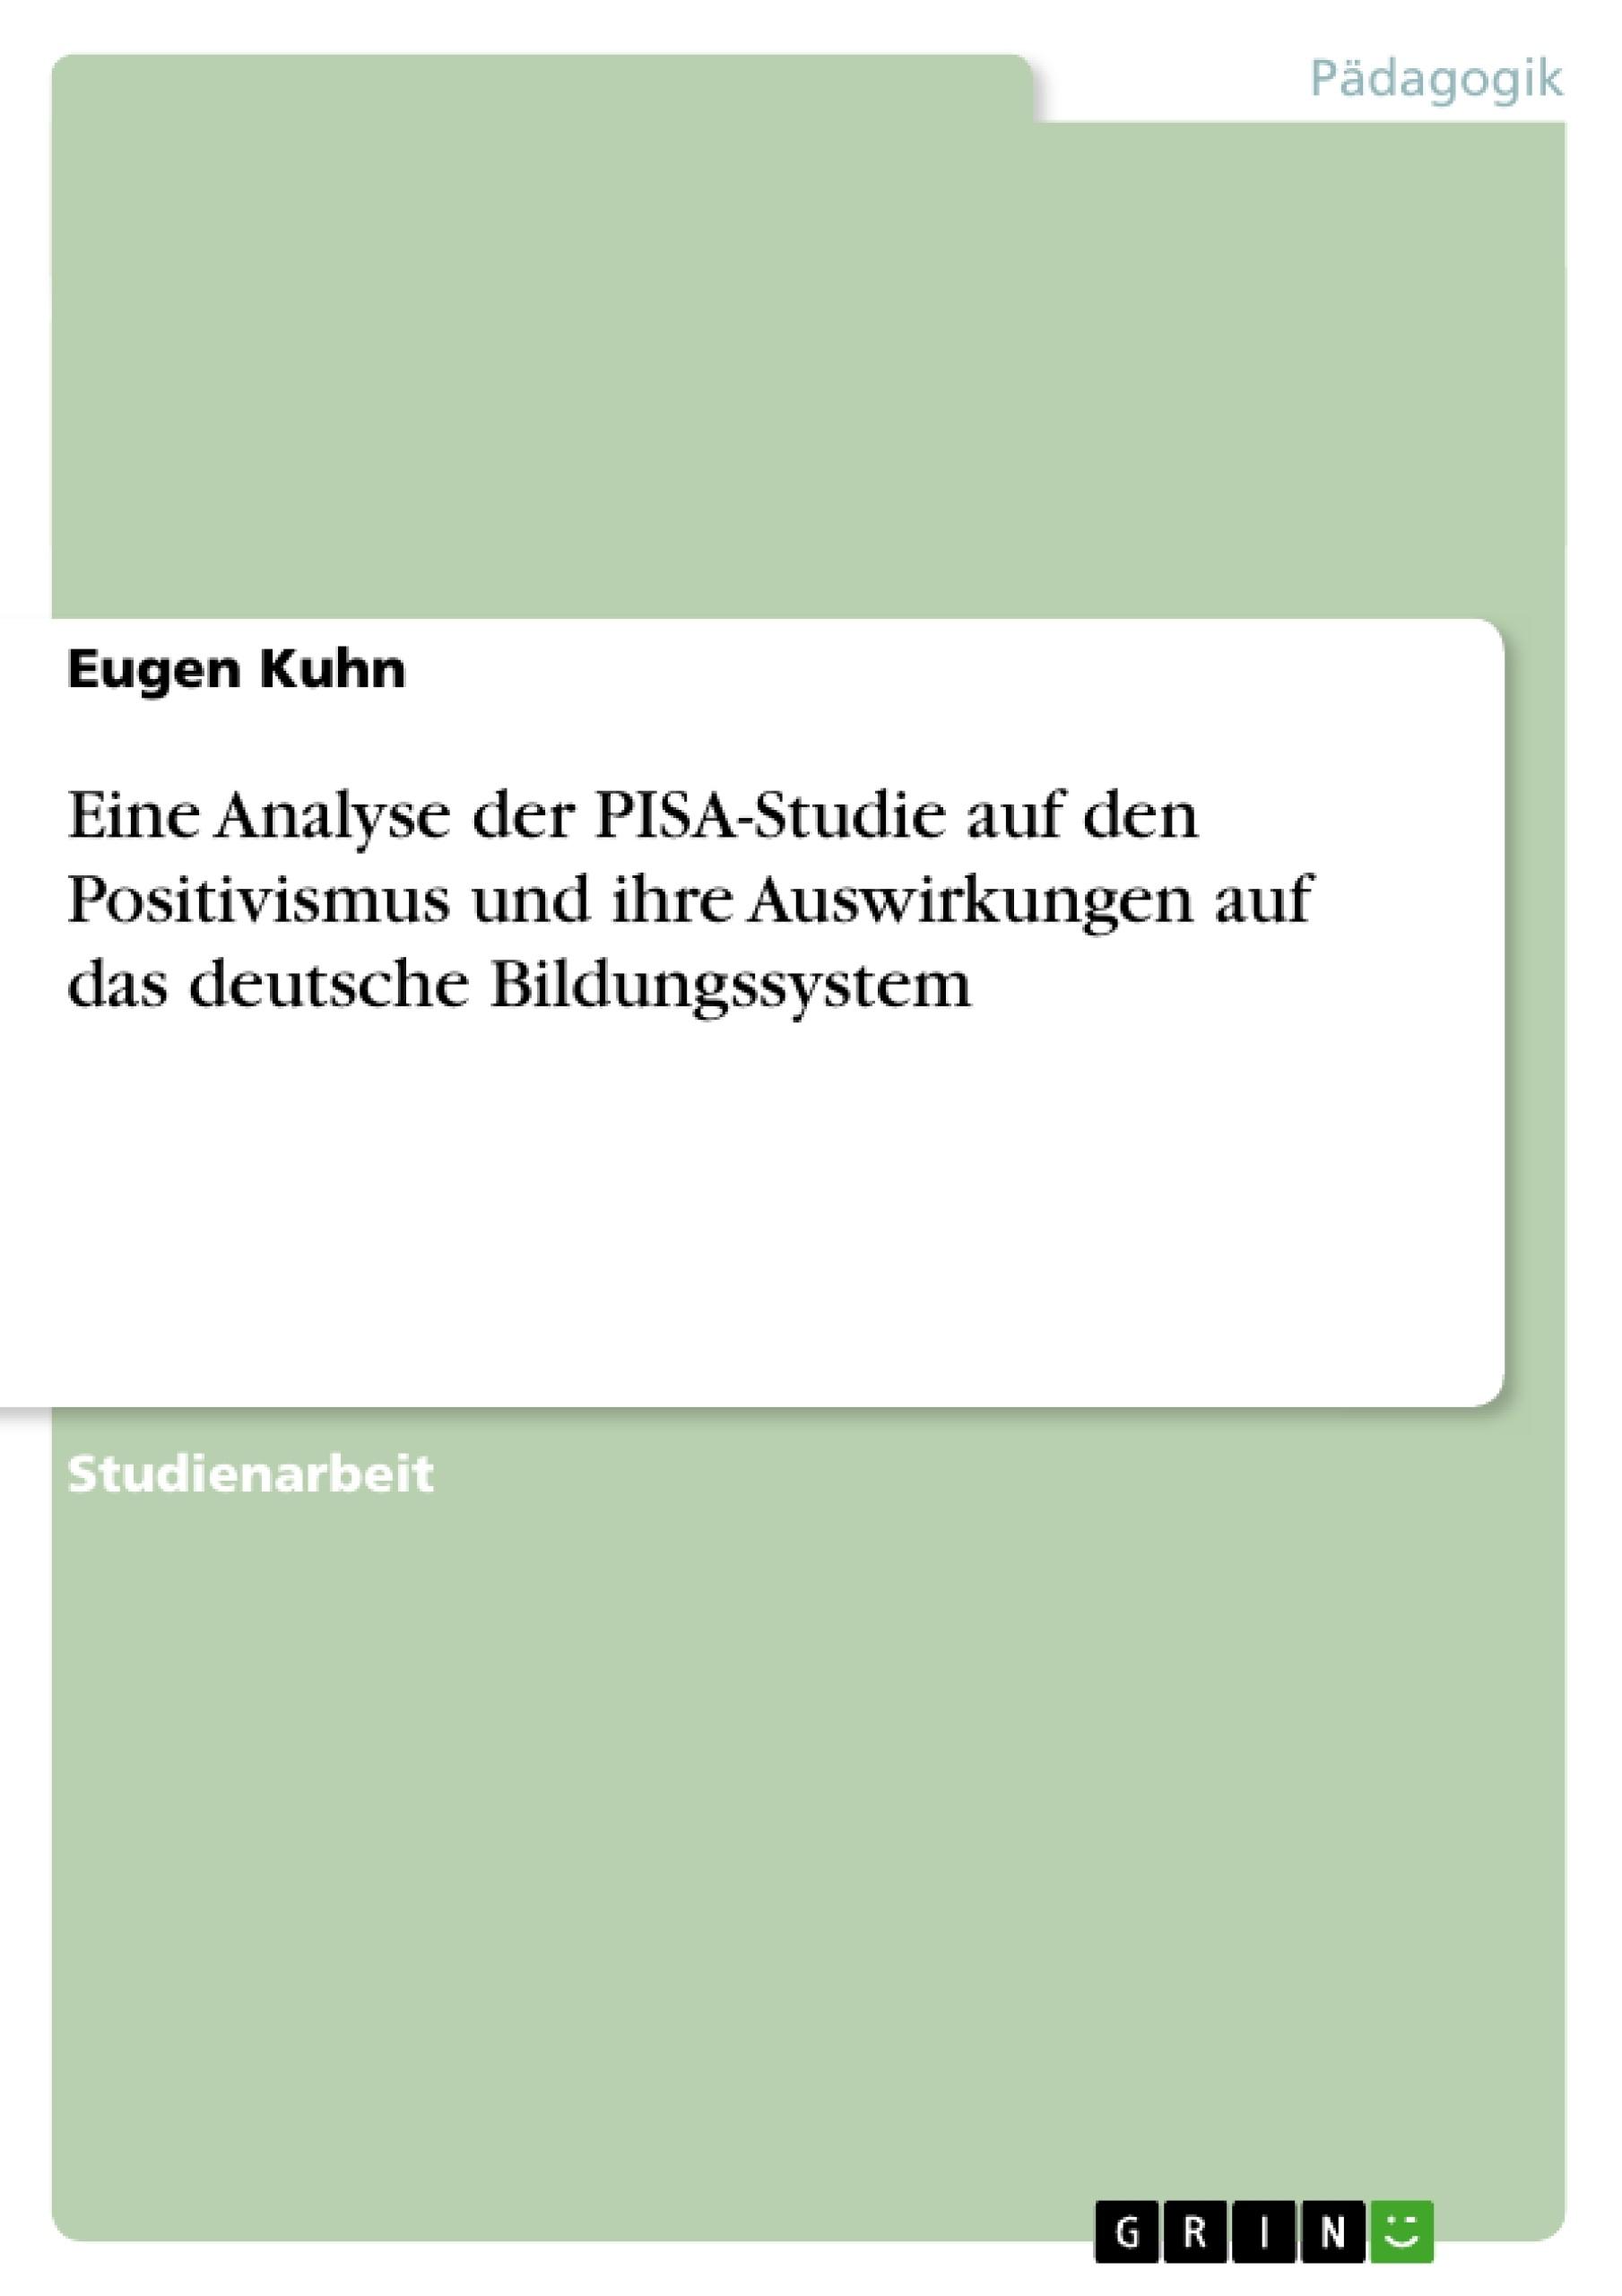 Titel: Eine Analyse der PISA-Studie auf den Positivismus und ihre Auswirkungen auf das deutsche Bildungssystem